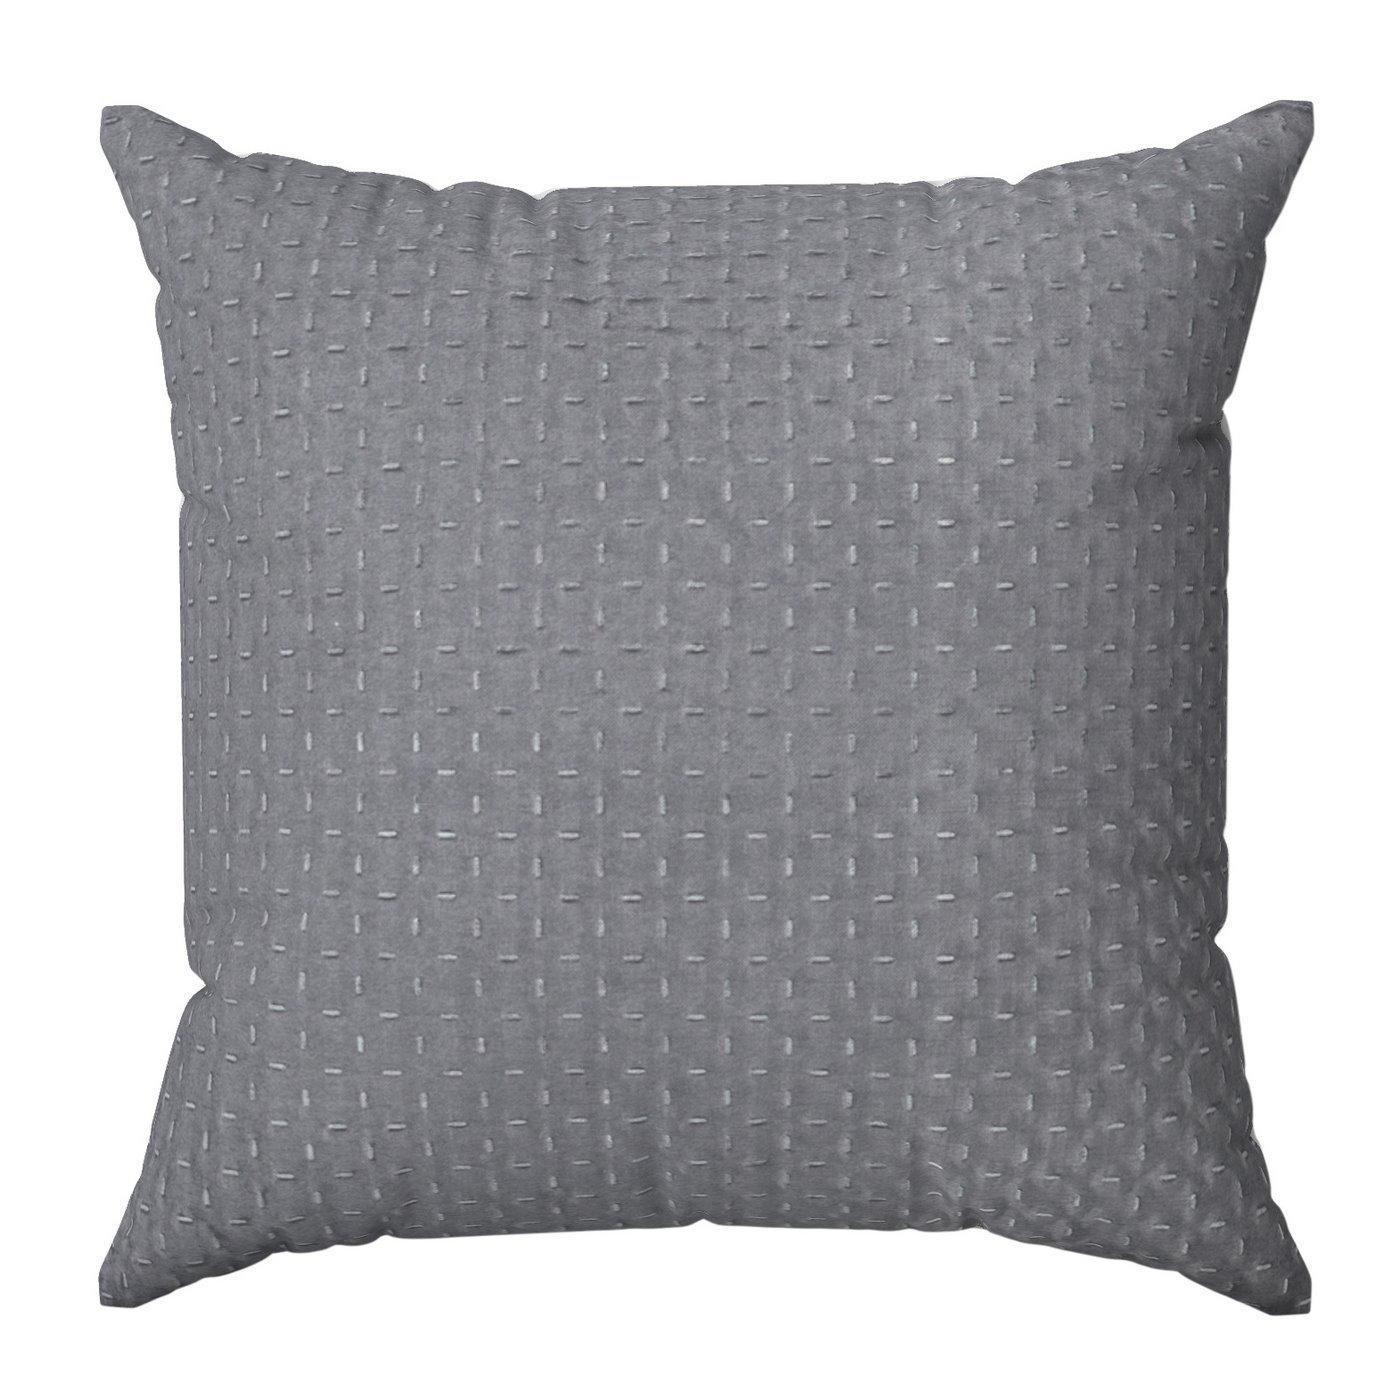 Poszewka na poduszkę dwustronna pikowana szaro-srebrna 40 x 40 cm